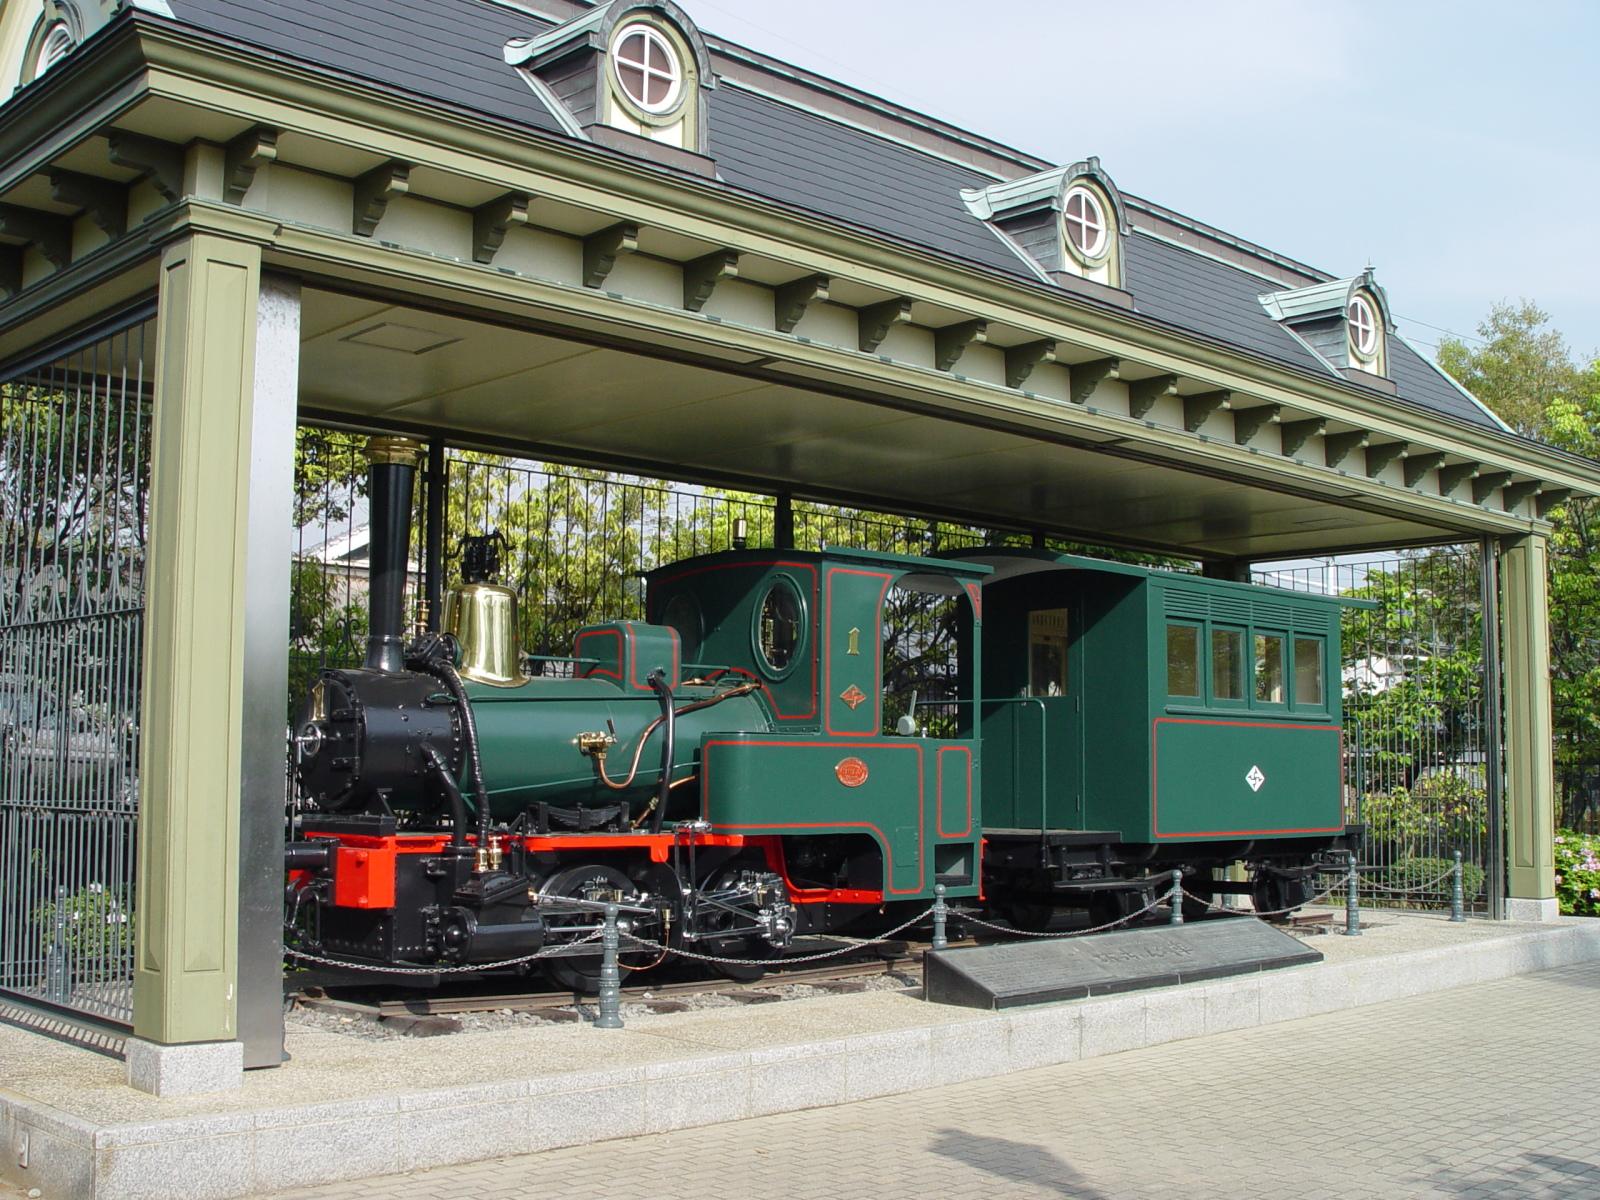 梅津寺公園には伊予鉄道1号機関車、通称「坊っちゃん列車」が展示されている。写真提供:伊予鉄グループ